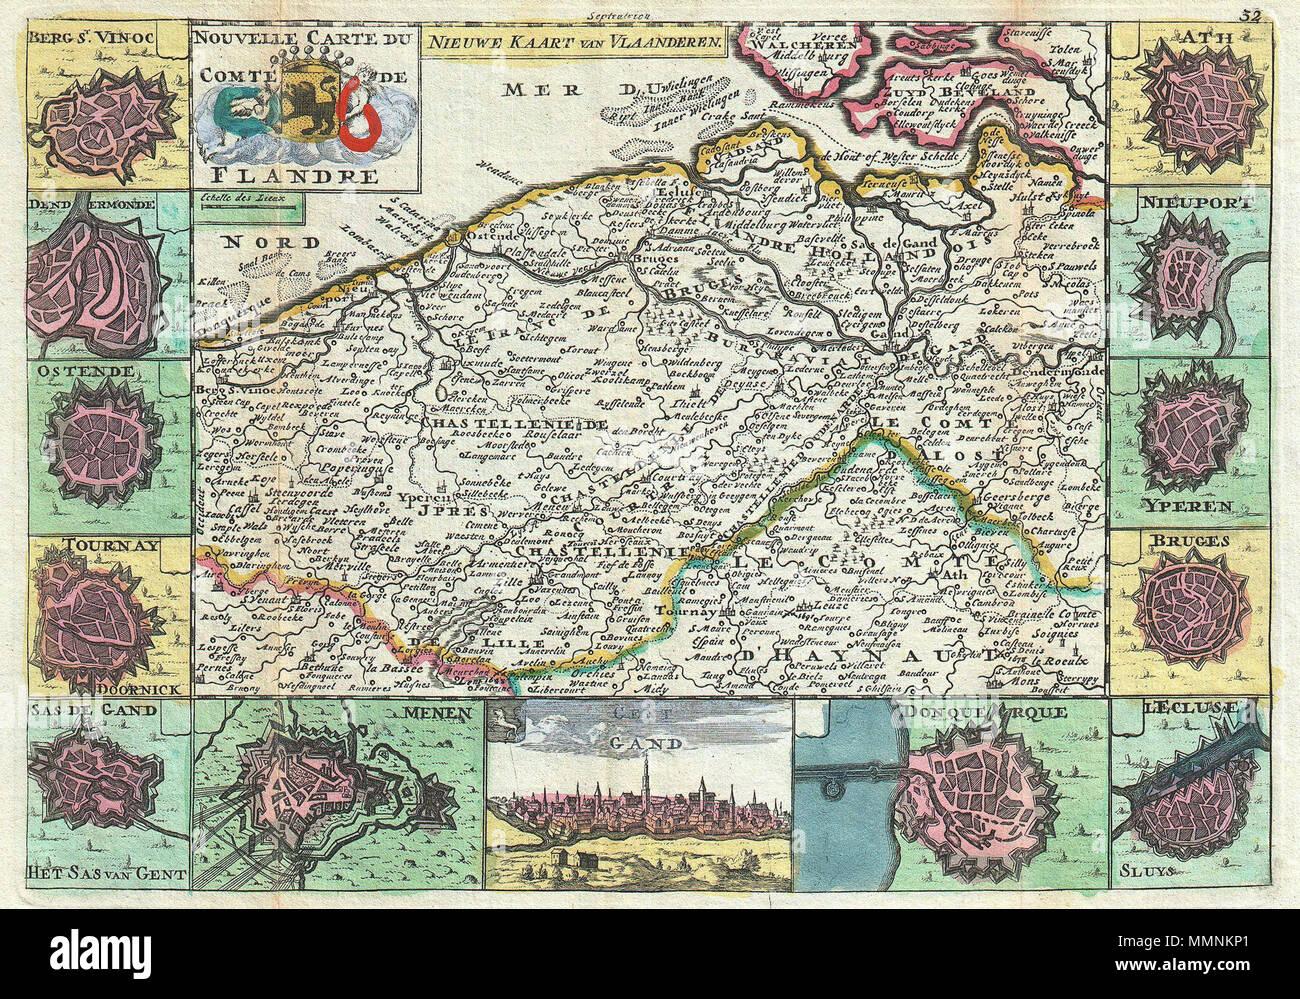 Englisch Eine Atemberaubende Karte Von Flandern Italien Erstmals